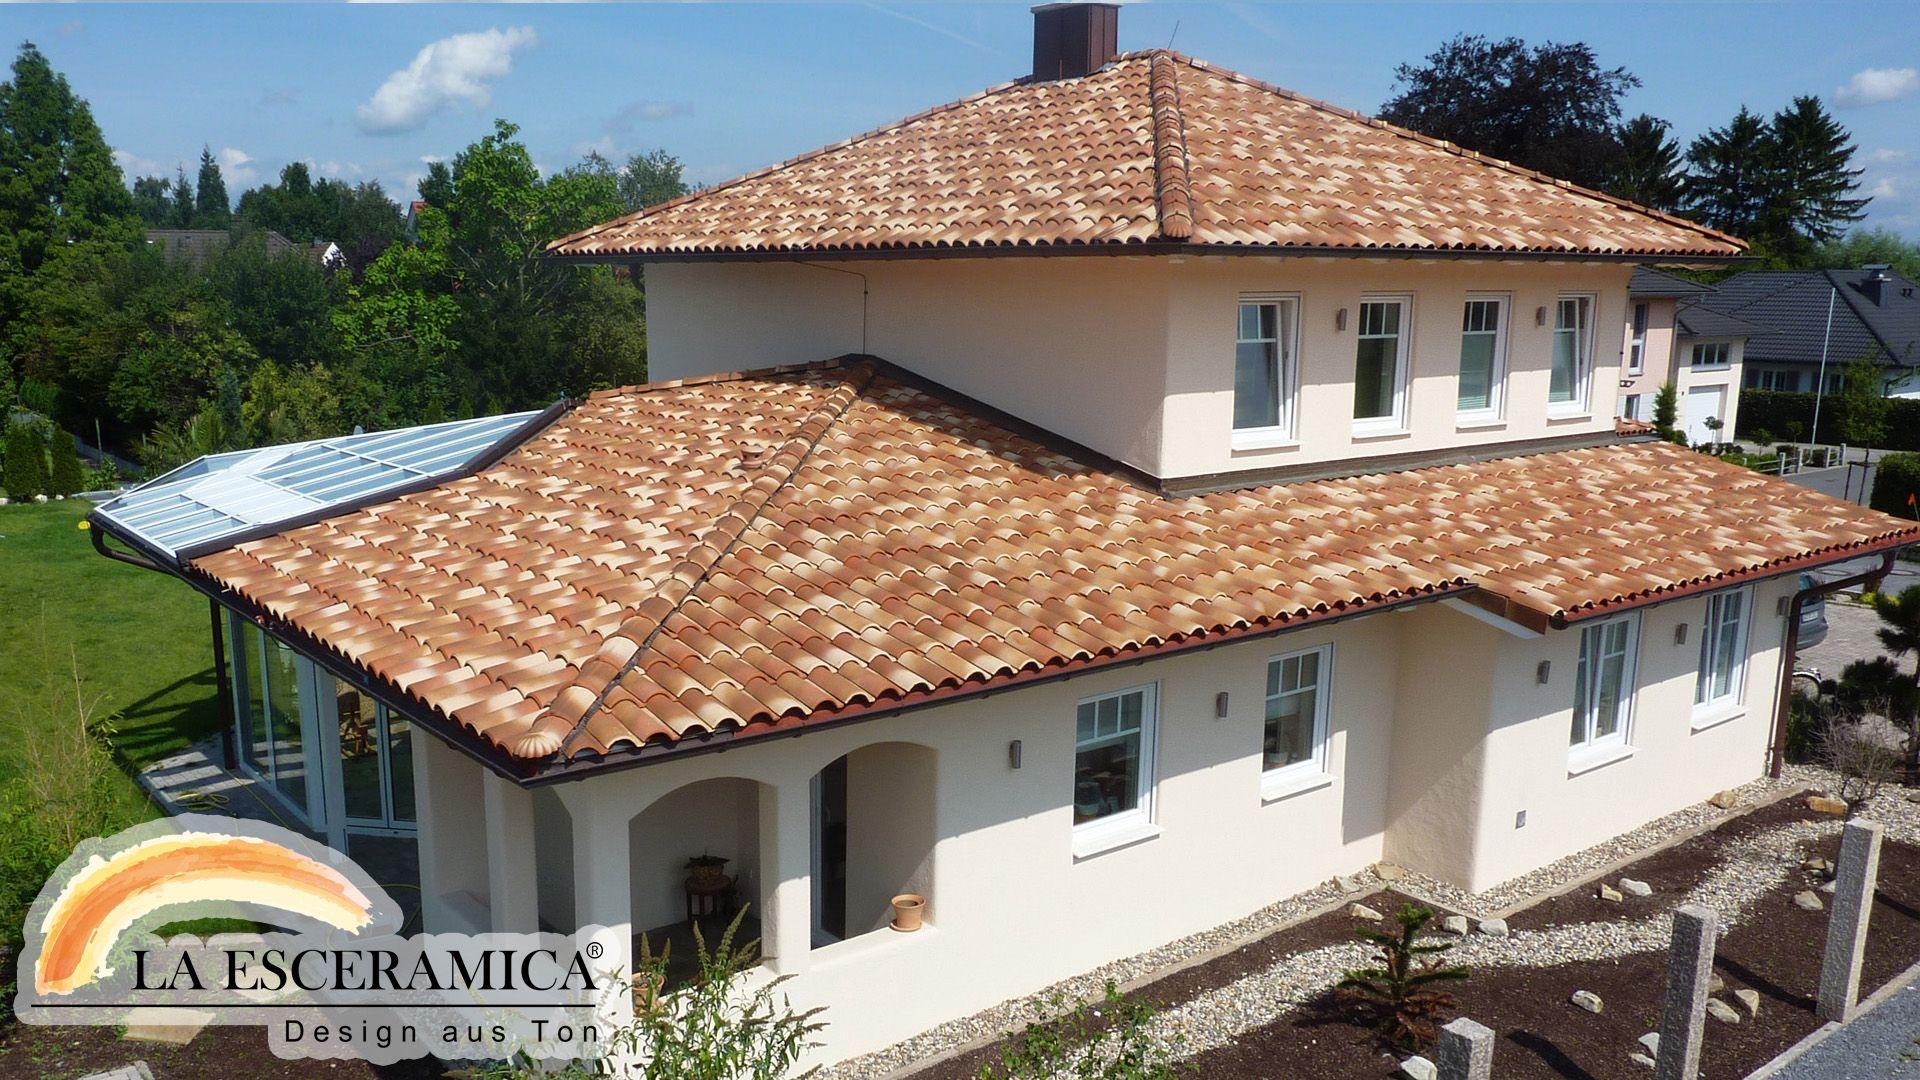 la esceramica dachziegel farbe strohgelb | dachziegel | pinterest - Farbe Vielli Castell